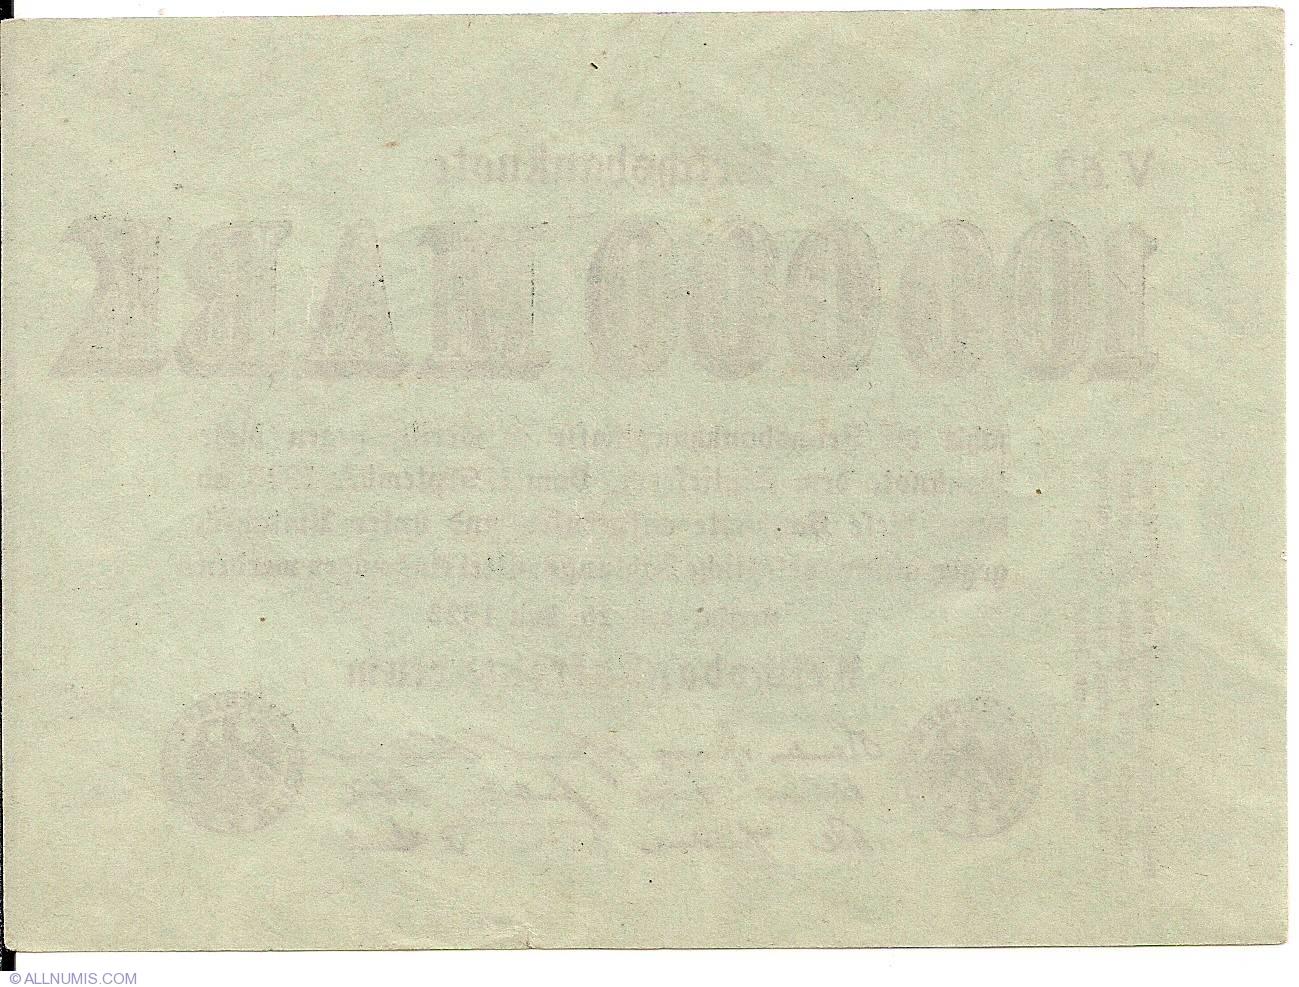 Februar Paper Money y 1923 German Reichsbanknote 100000 Mark D0601 Series